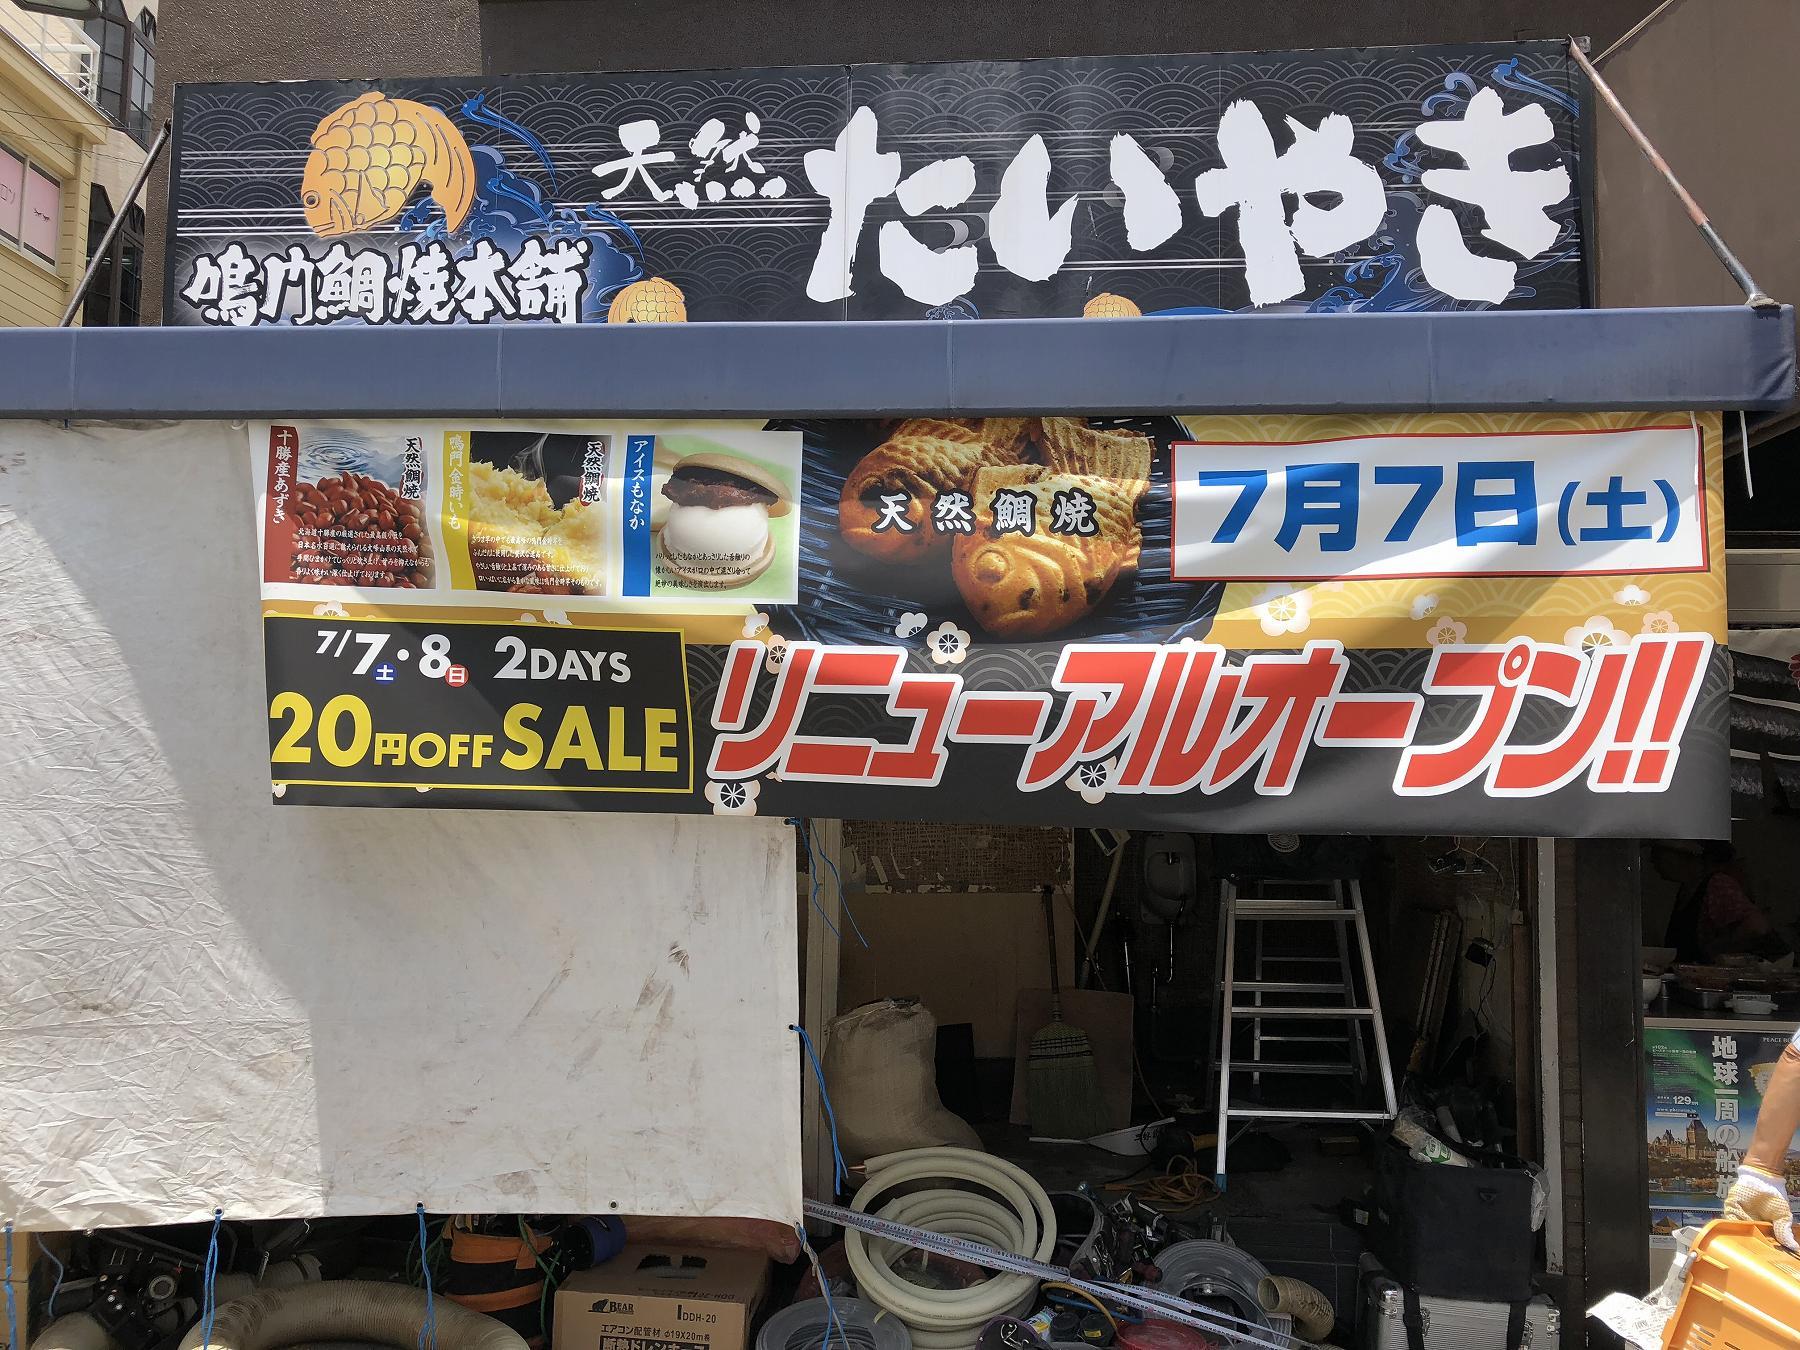 神戸・岡本の山手幹線沿いにある「天然たいやき 鳴門鯛焼本舗」が7/7(土)リニューアルオープンします! #リニューアルオープン #阪急岡本 #鳴門鯛焼本舗 #たい焼き